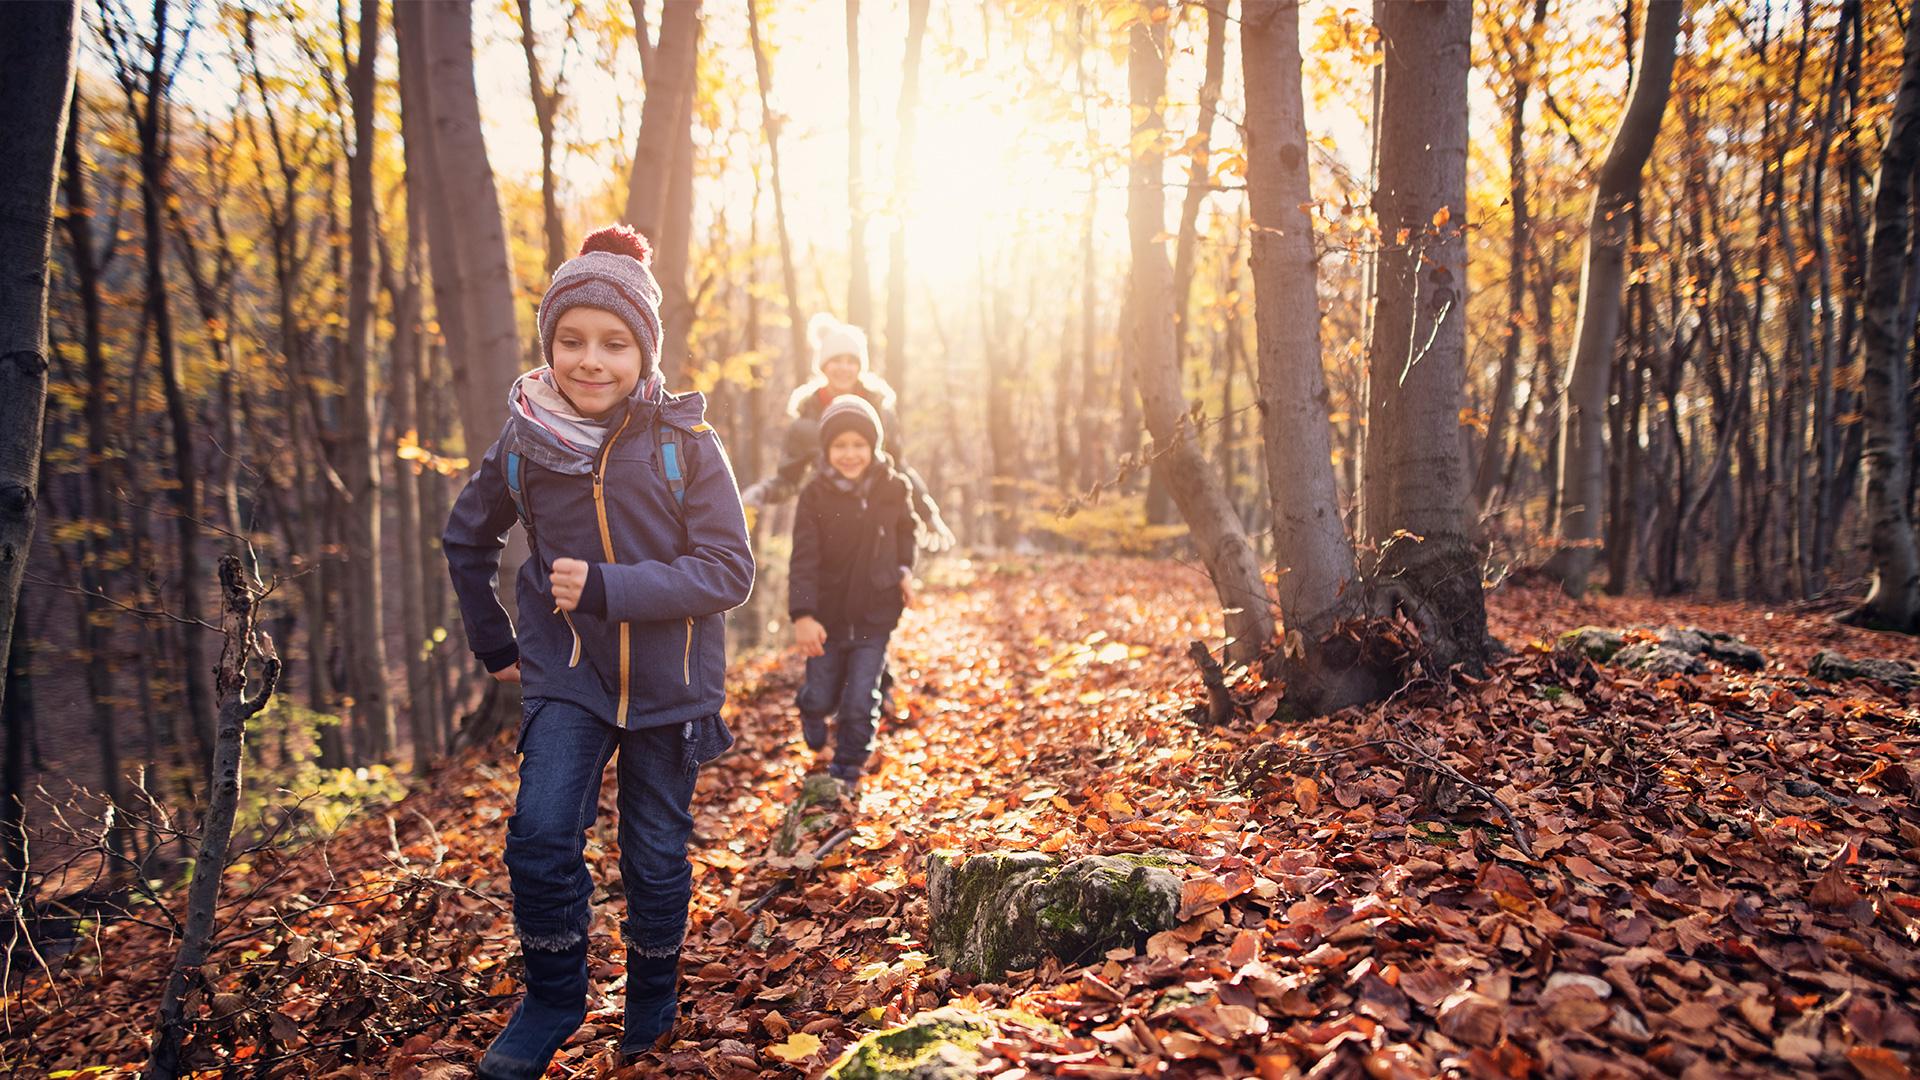 Kids running through a forest in autumn